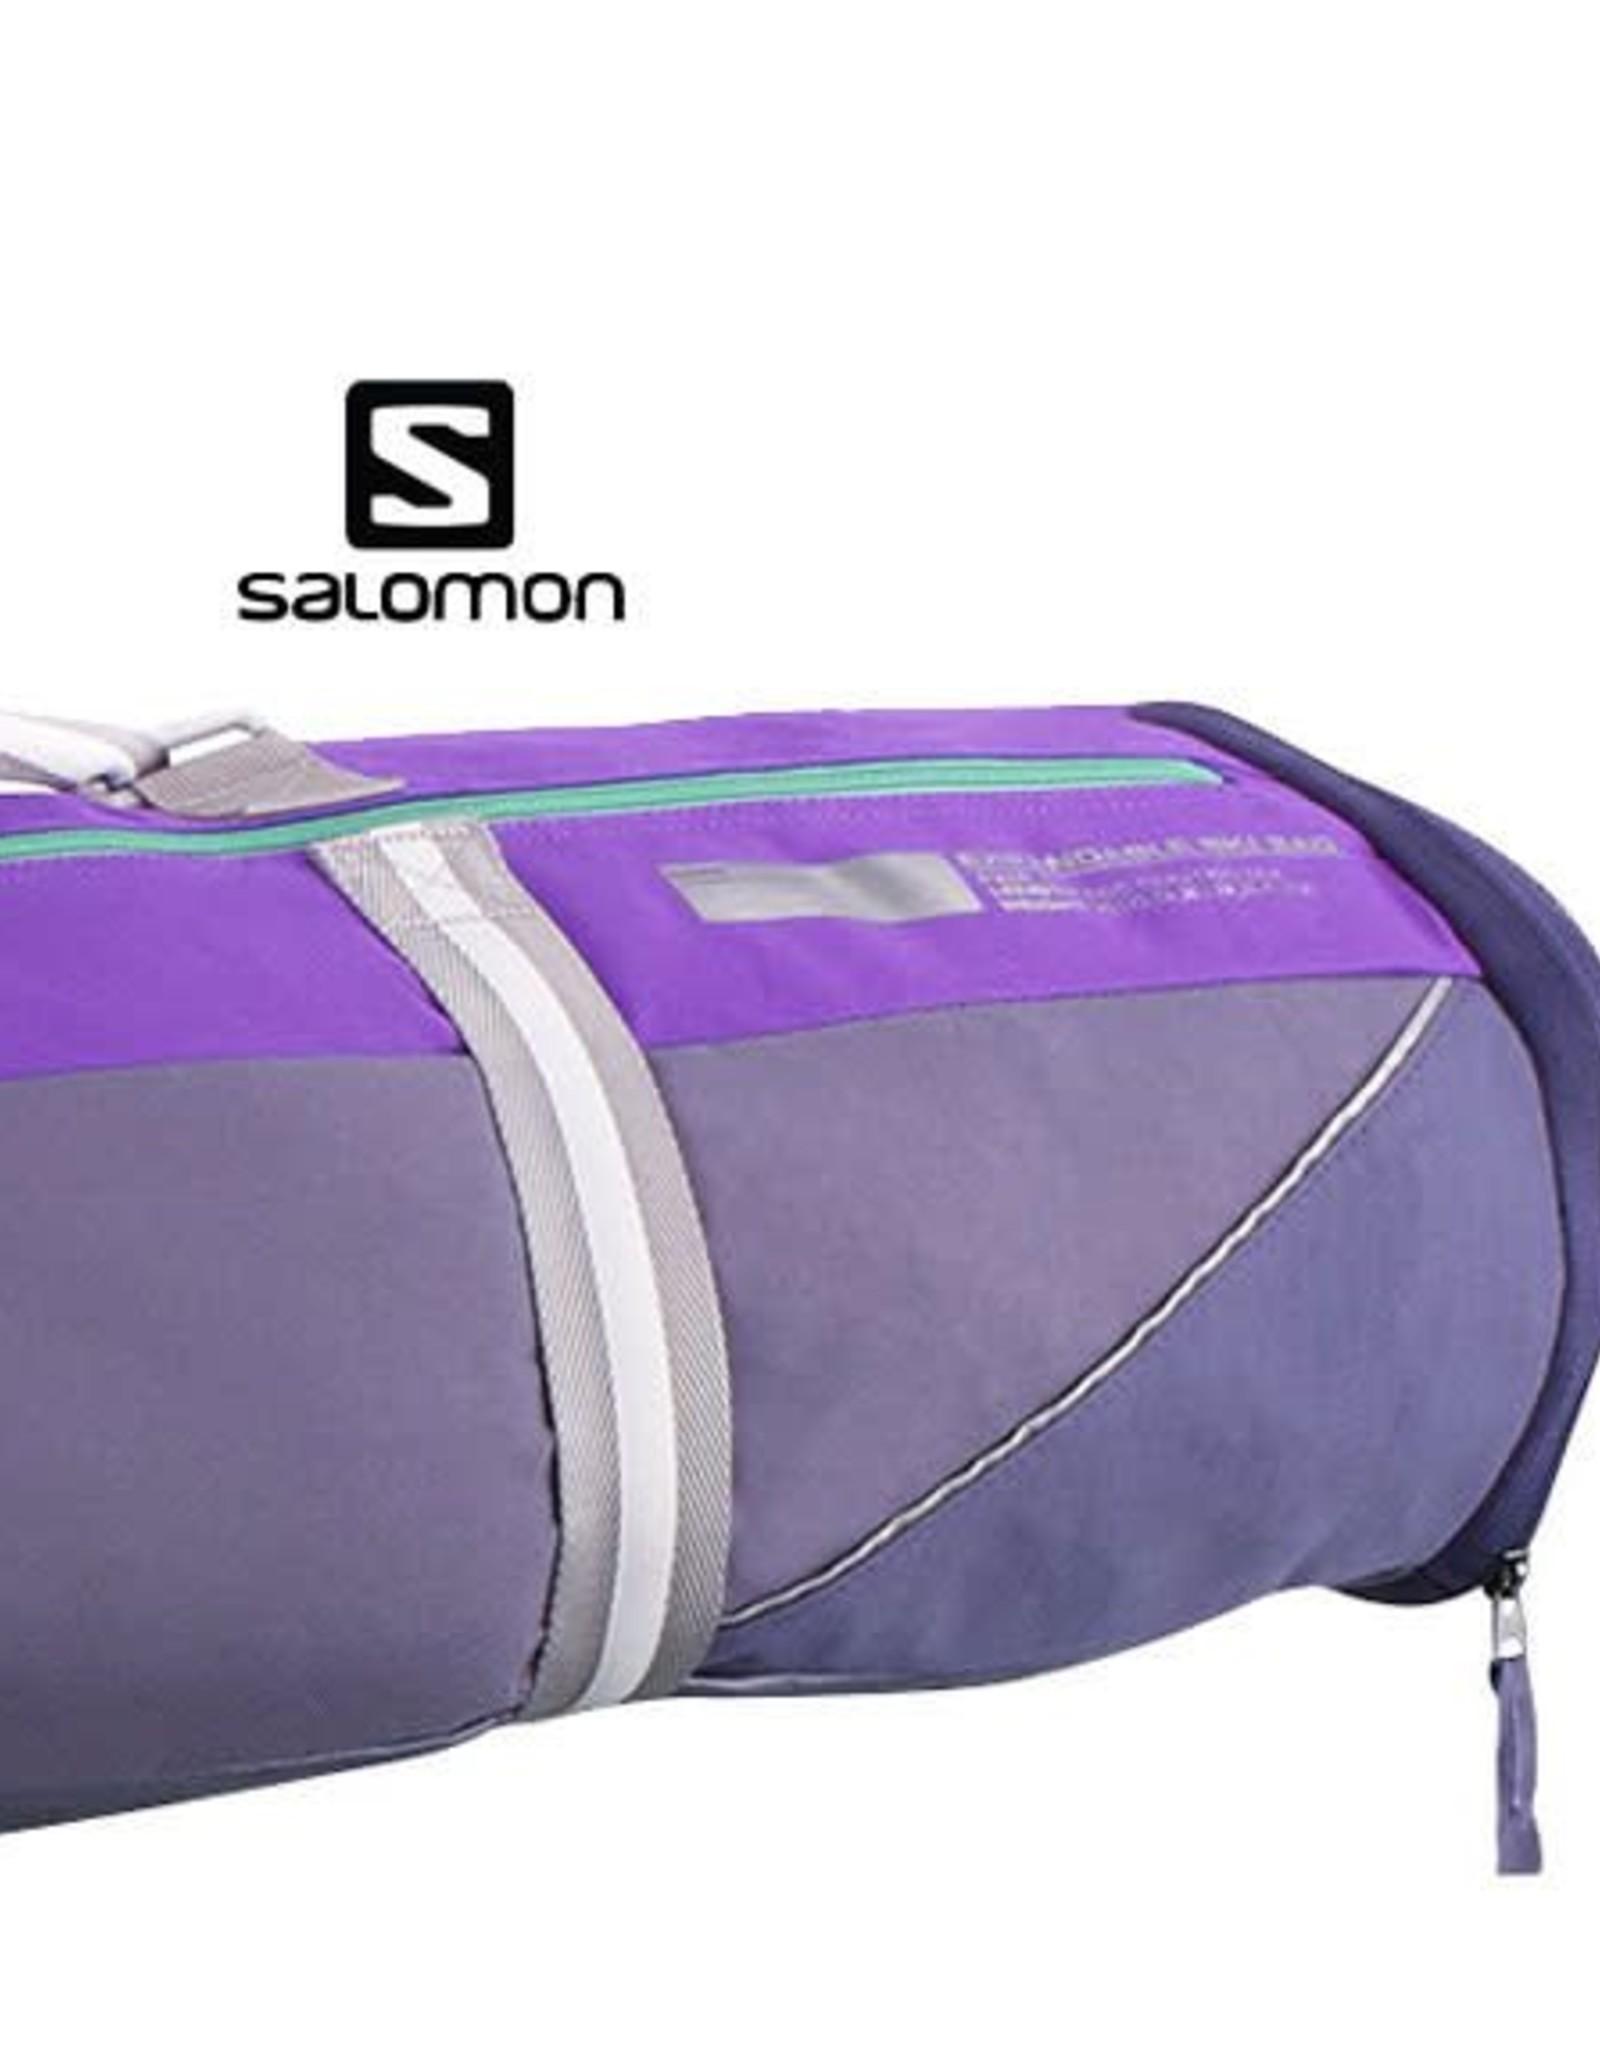 SALOMON SALOMON Skitas 165+20 Grey/Purple